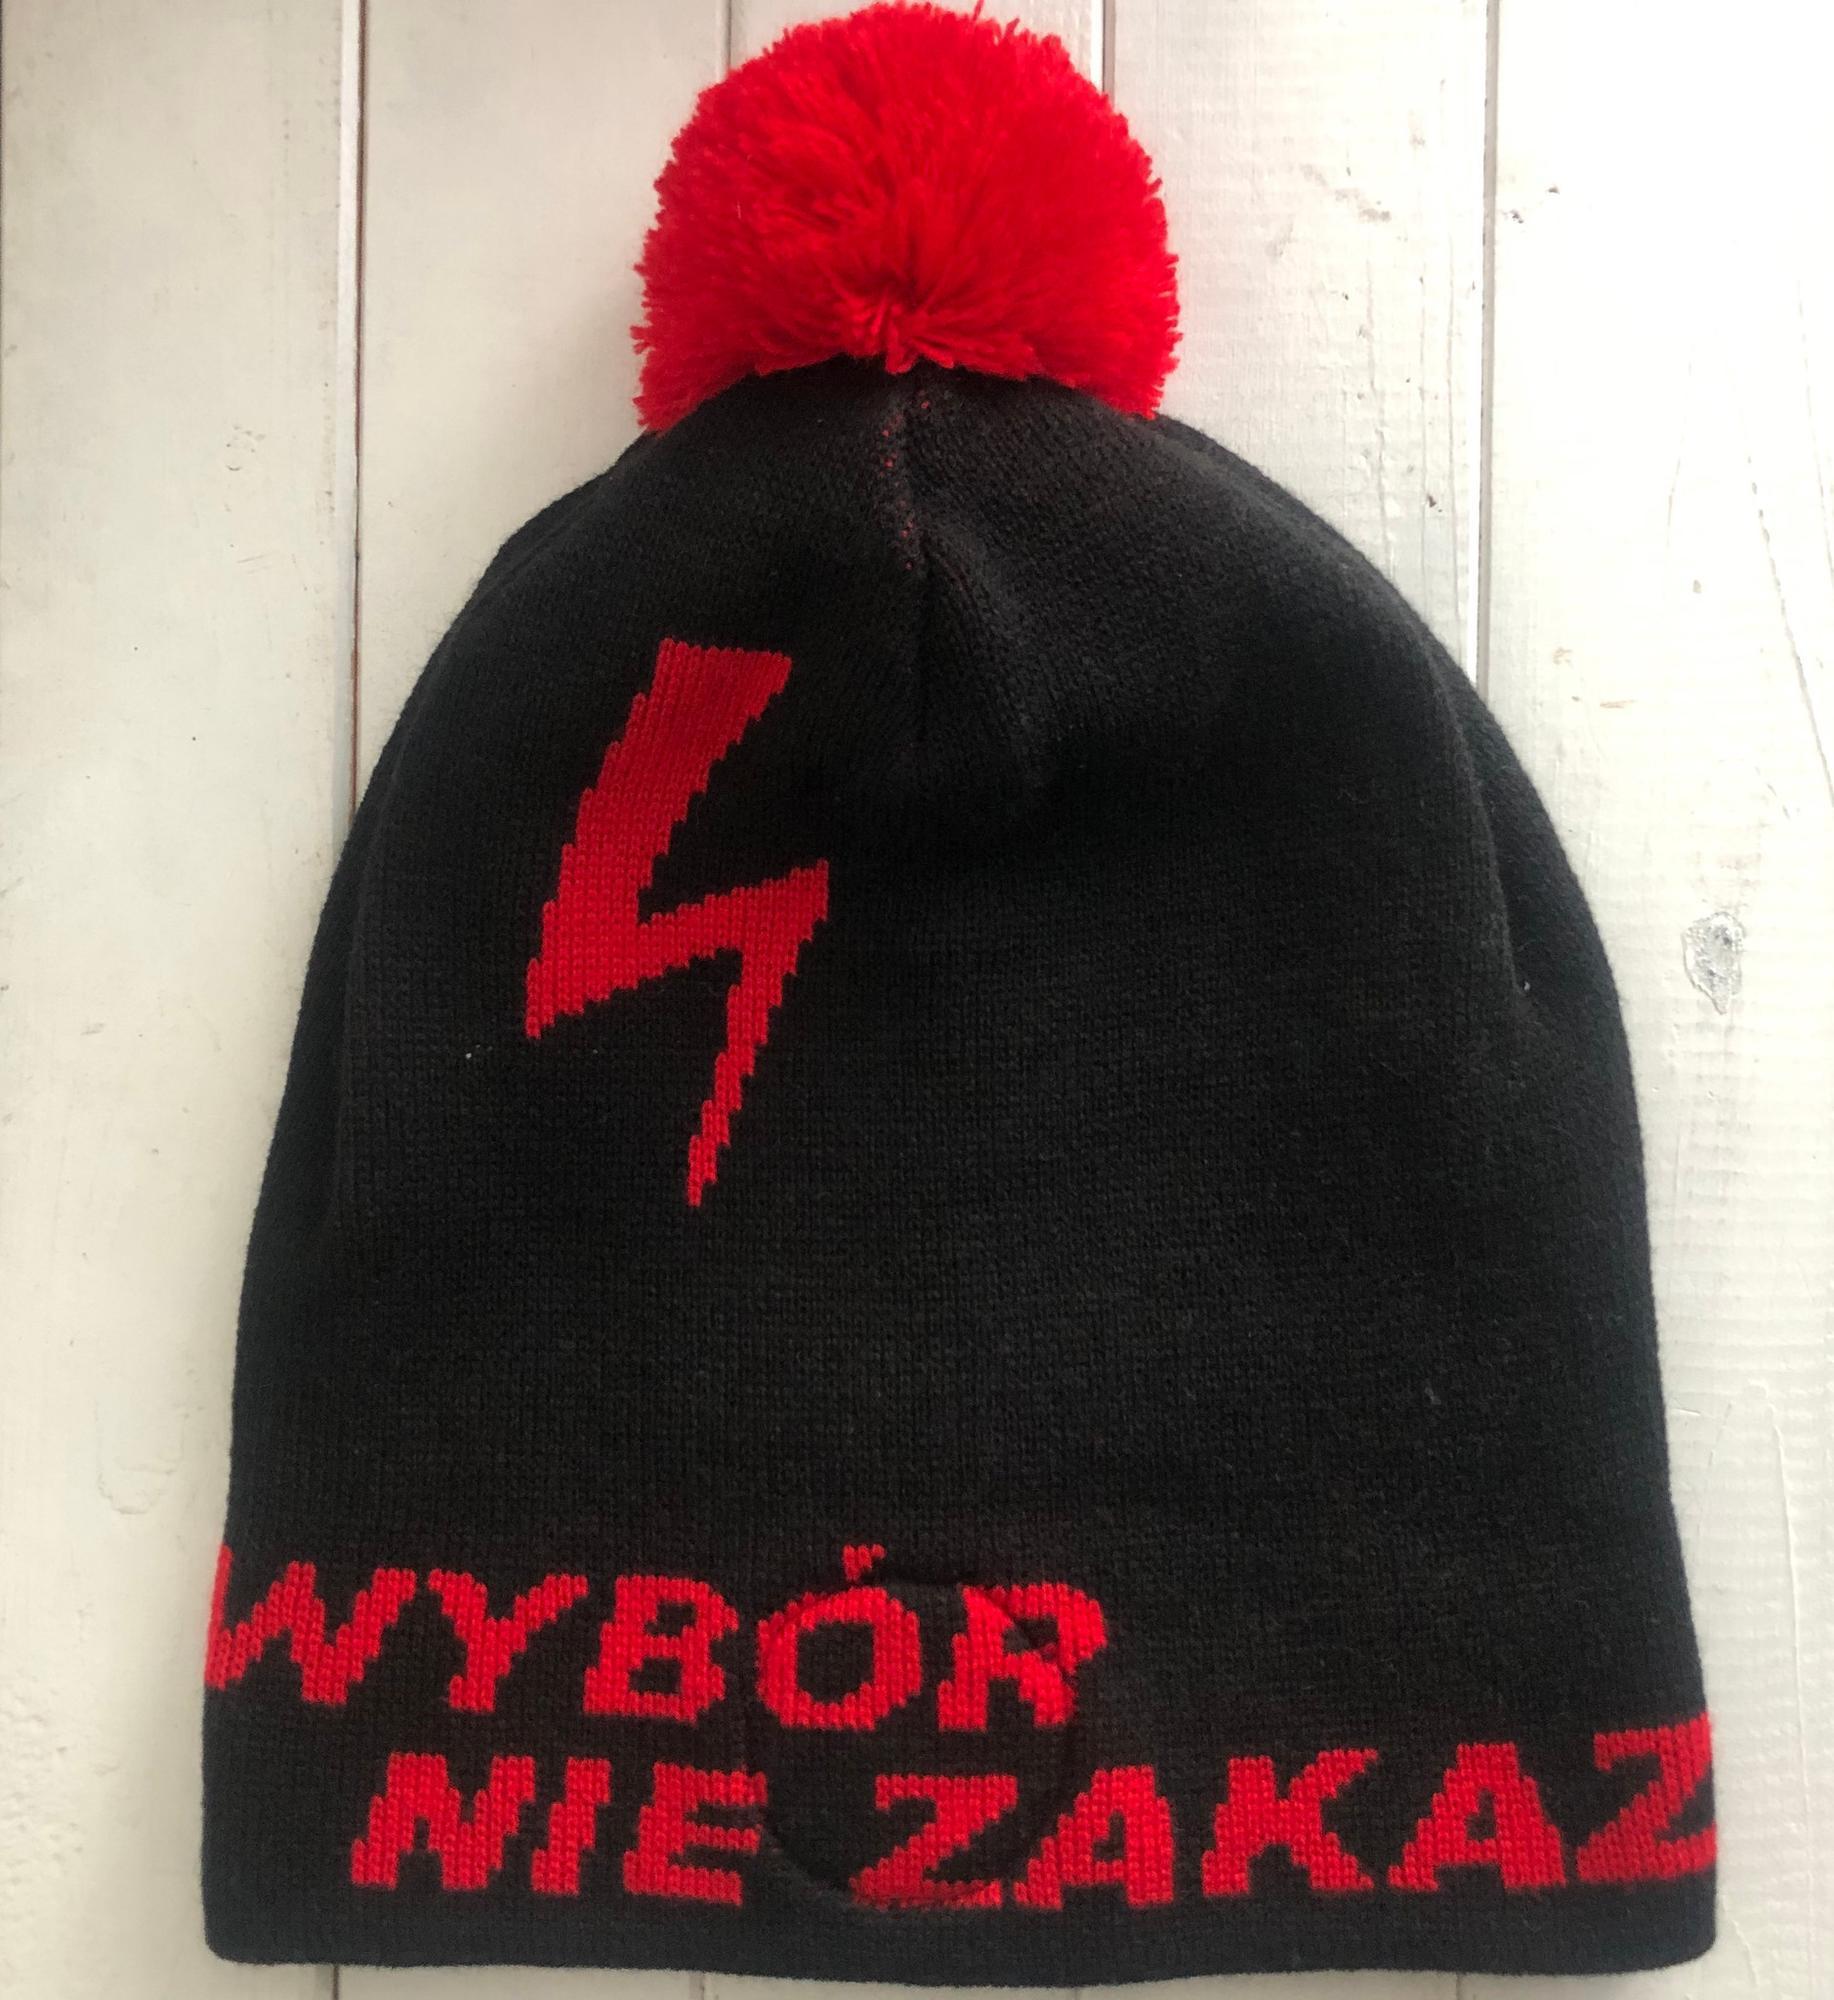 AKTYWISTKA - BohoZone   JestemSlow.pl